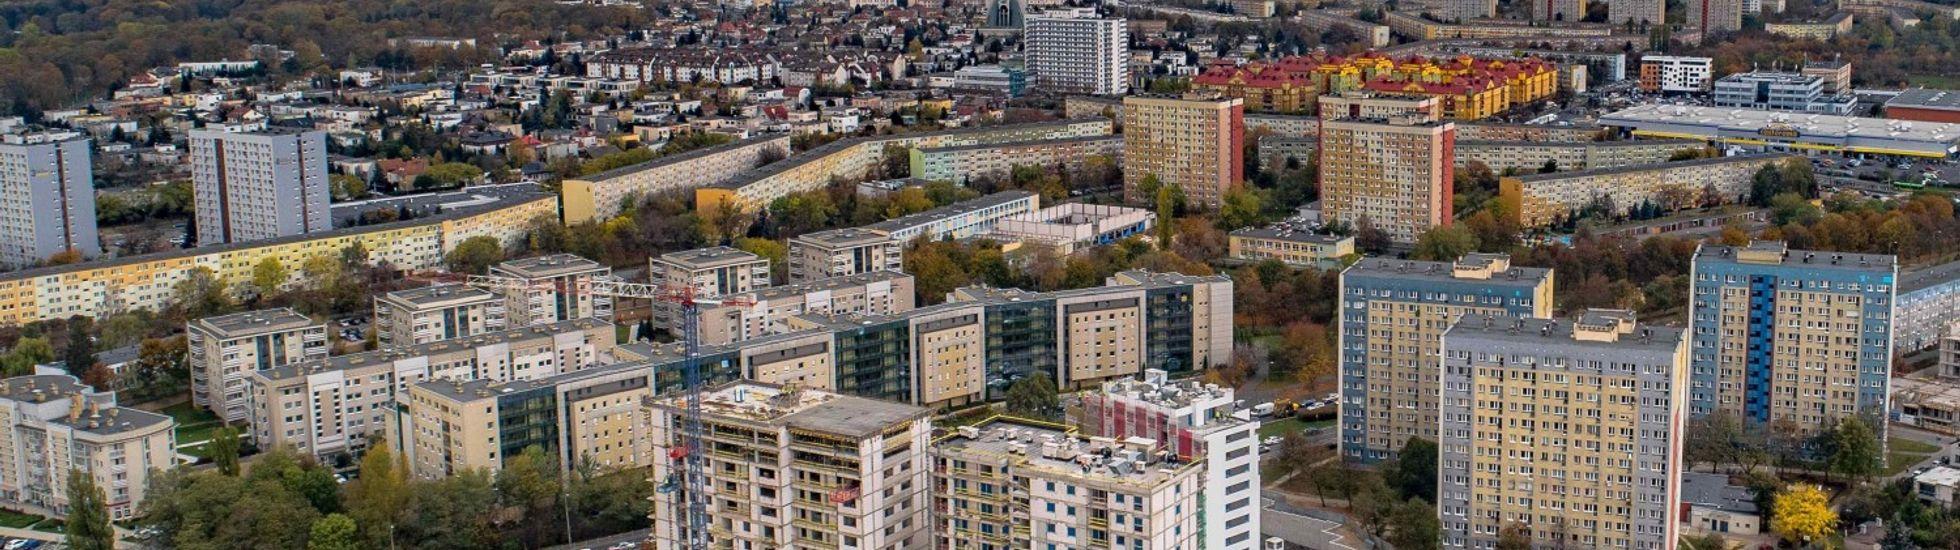 [Poznań] Ostatni budynek na osiedlu Nowych Kosmonautów w Poznaniu z wiechą